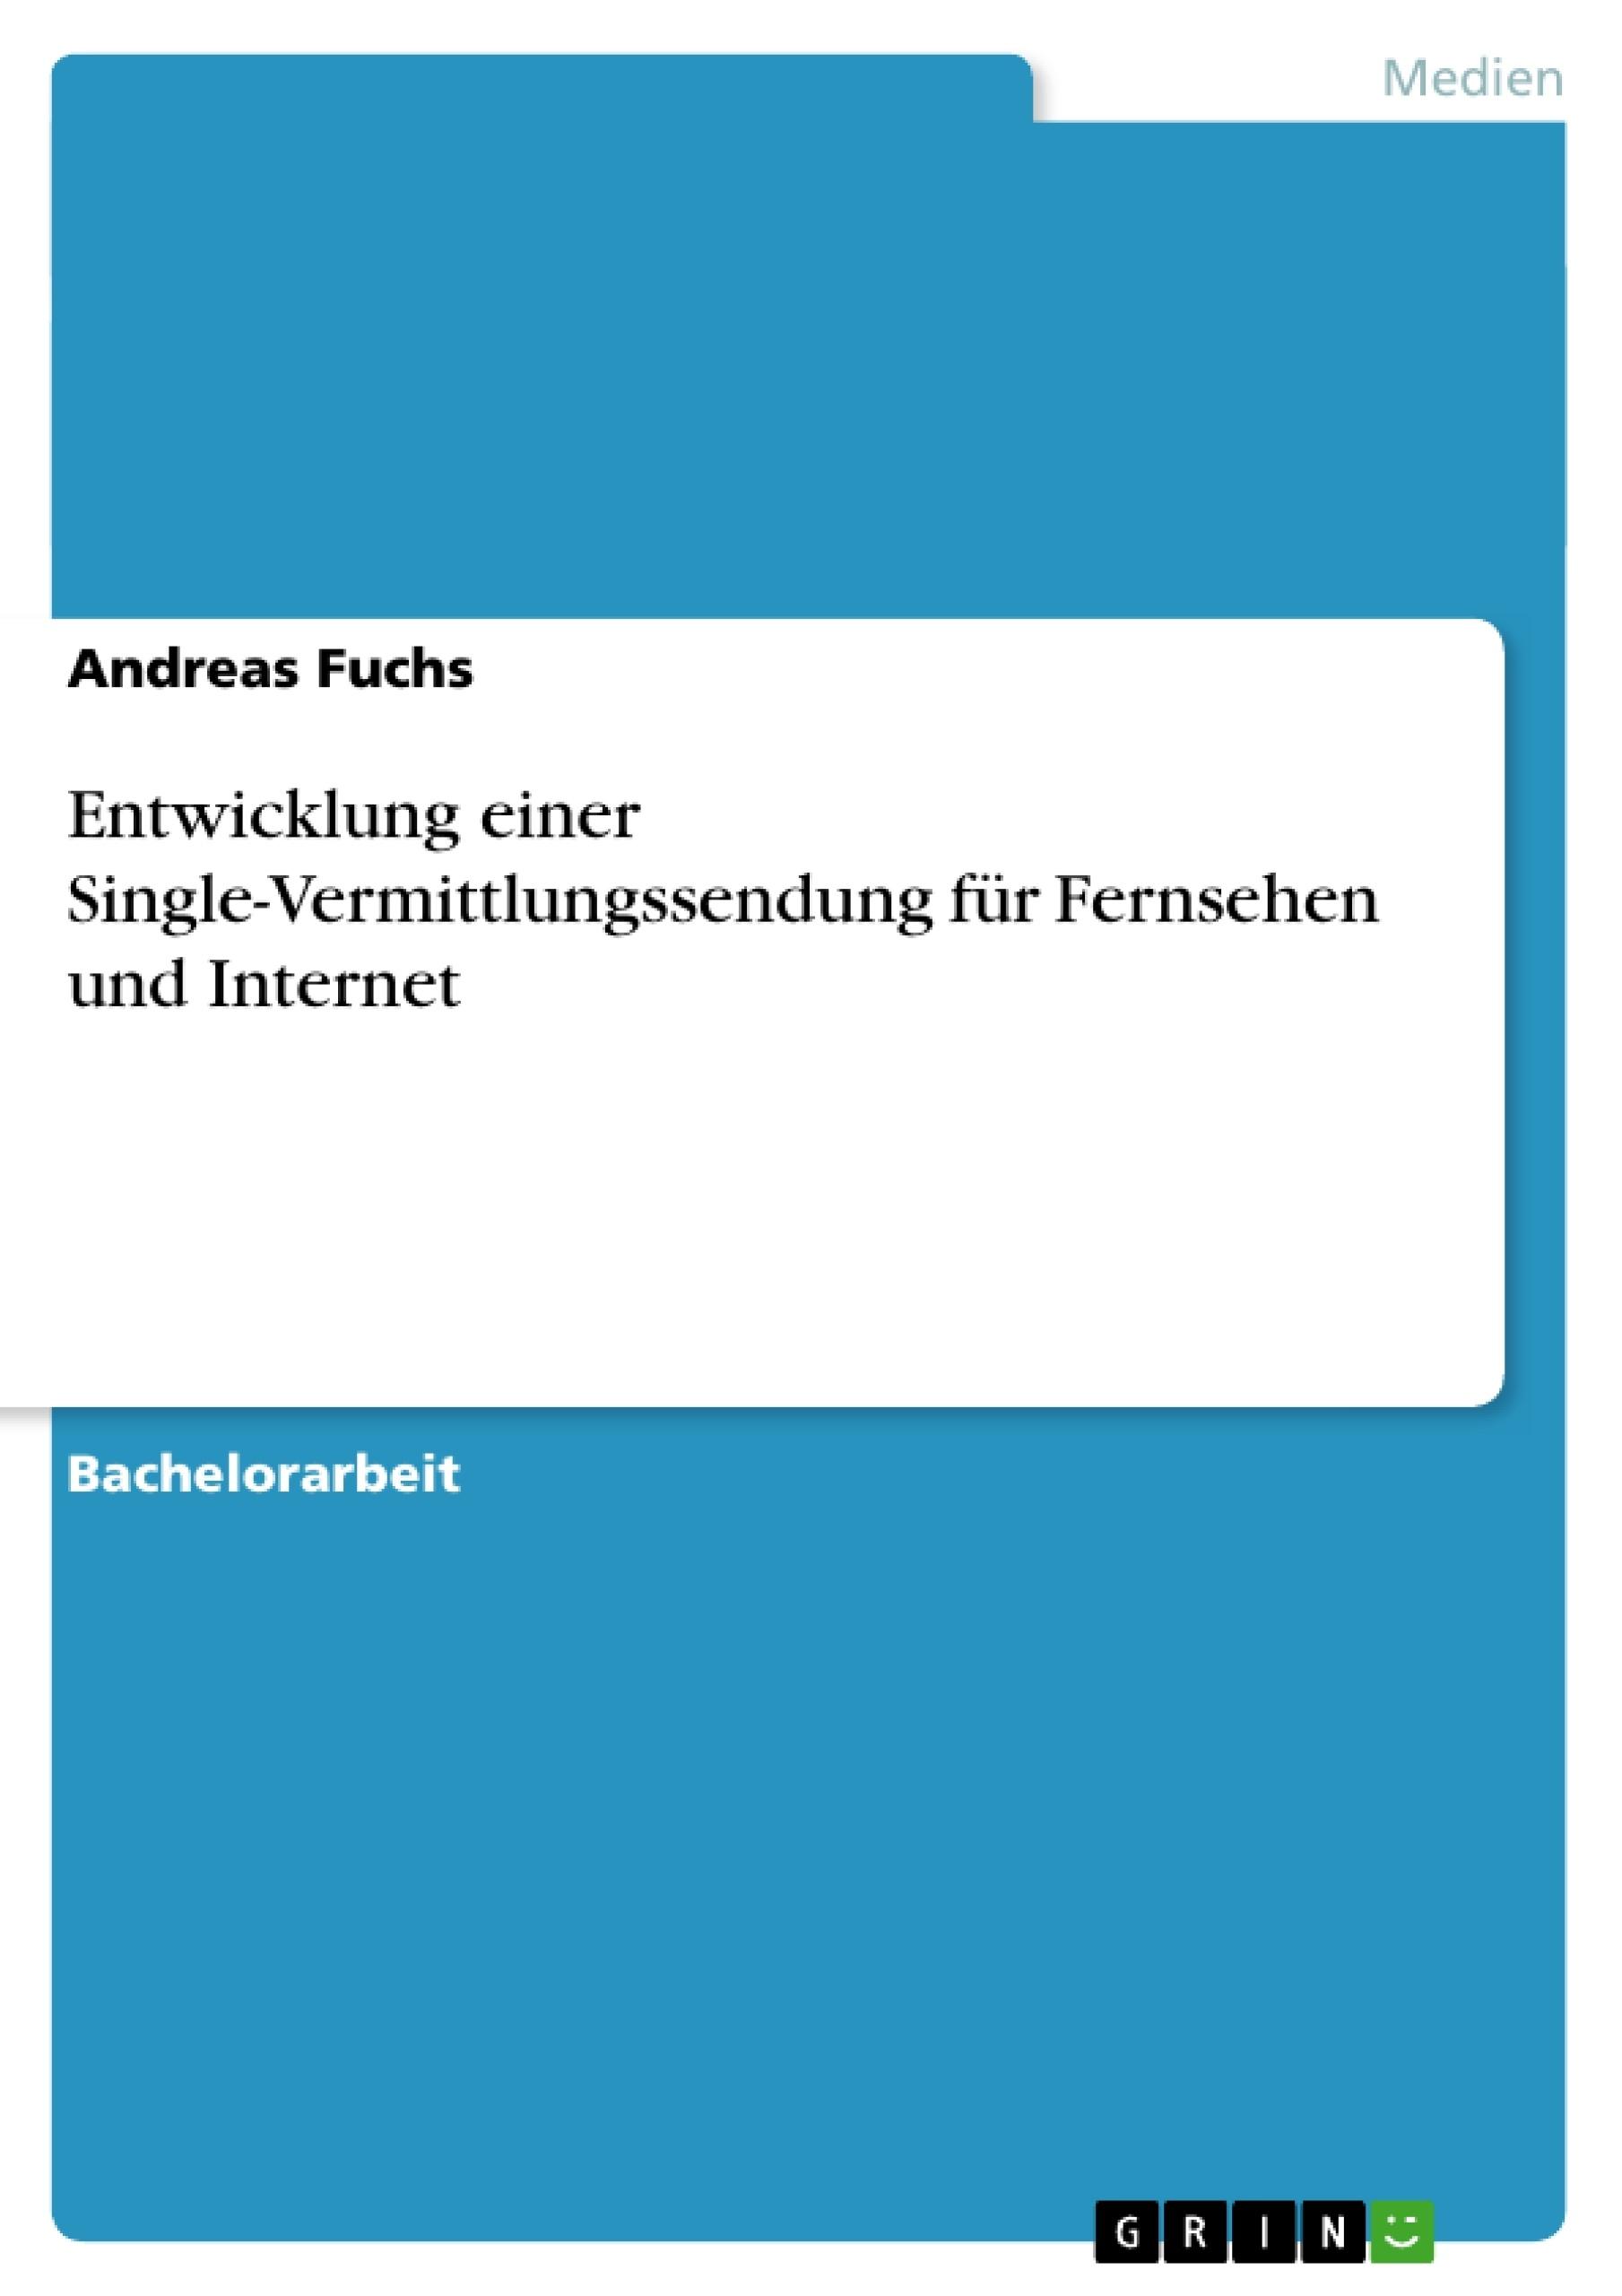 Titel: Entwicklung einer Single-Vermittlungssendung für Fernsehen und Internet